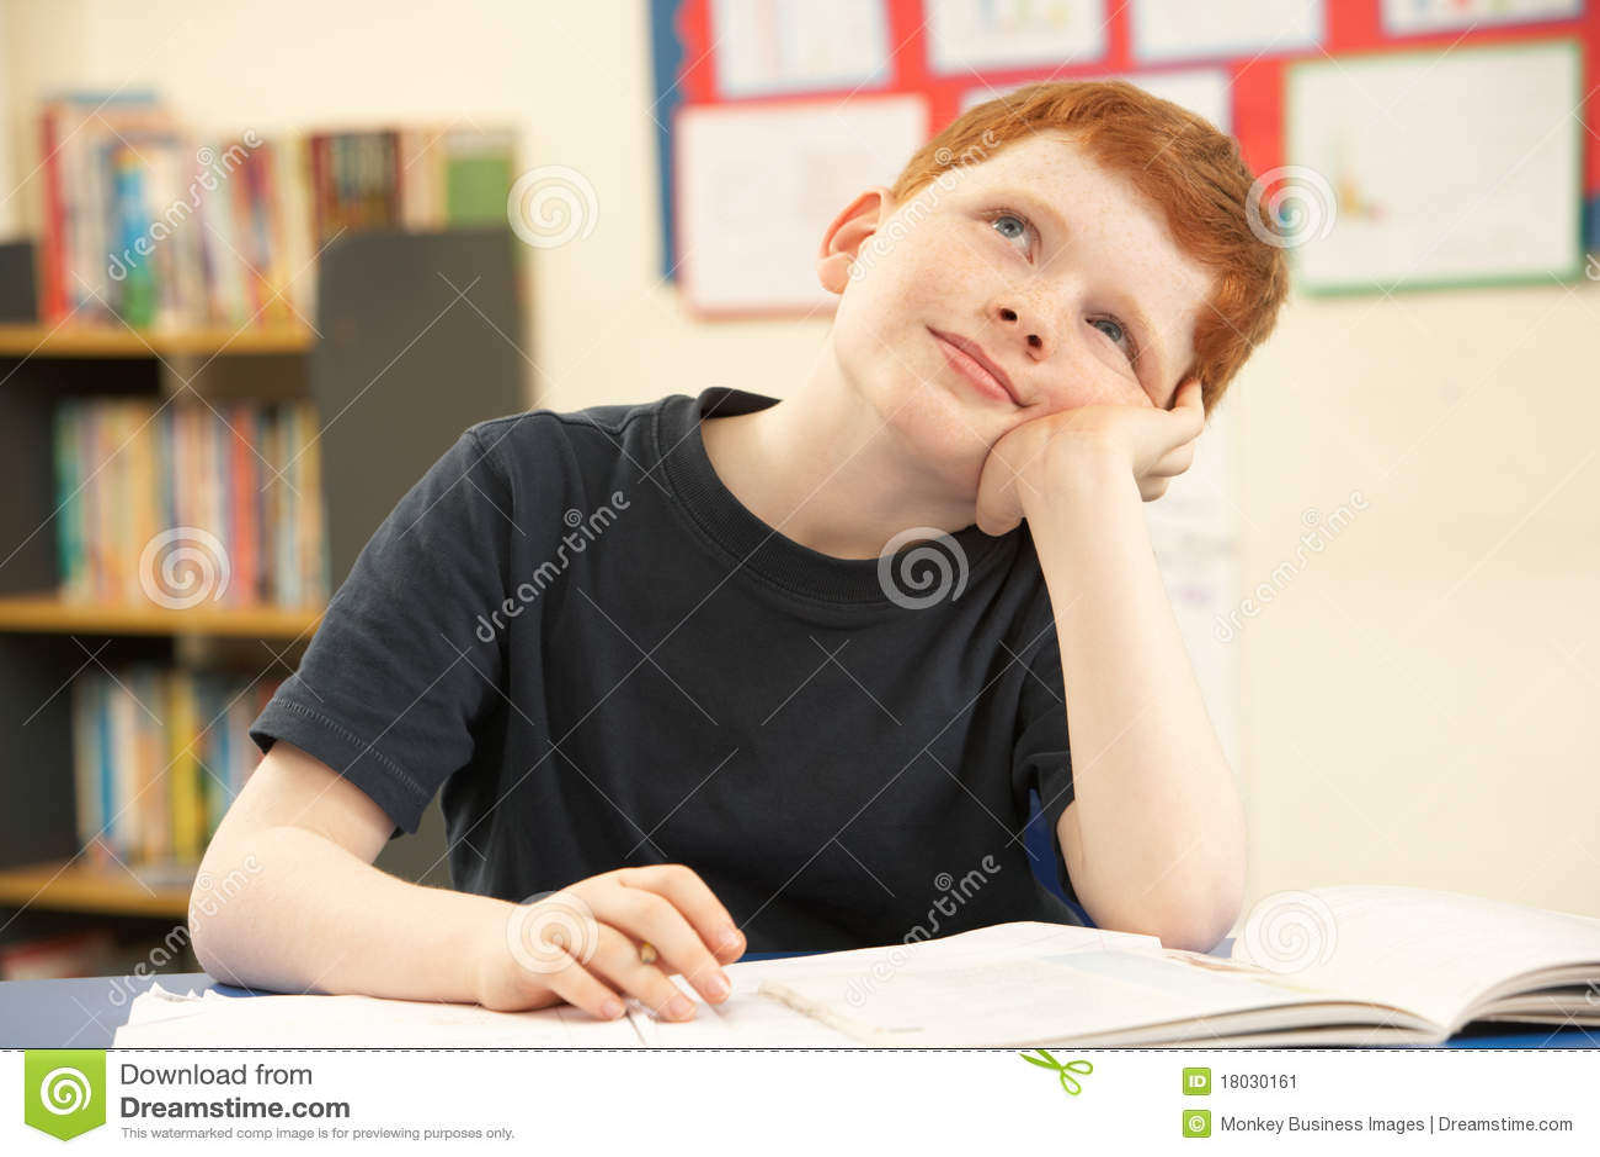 Schüler, der im Klassenzimmer träumt